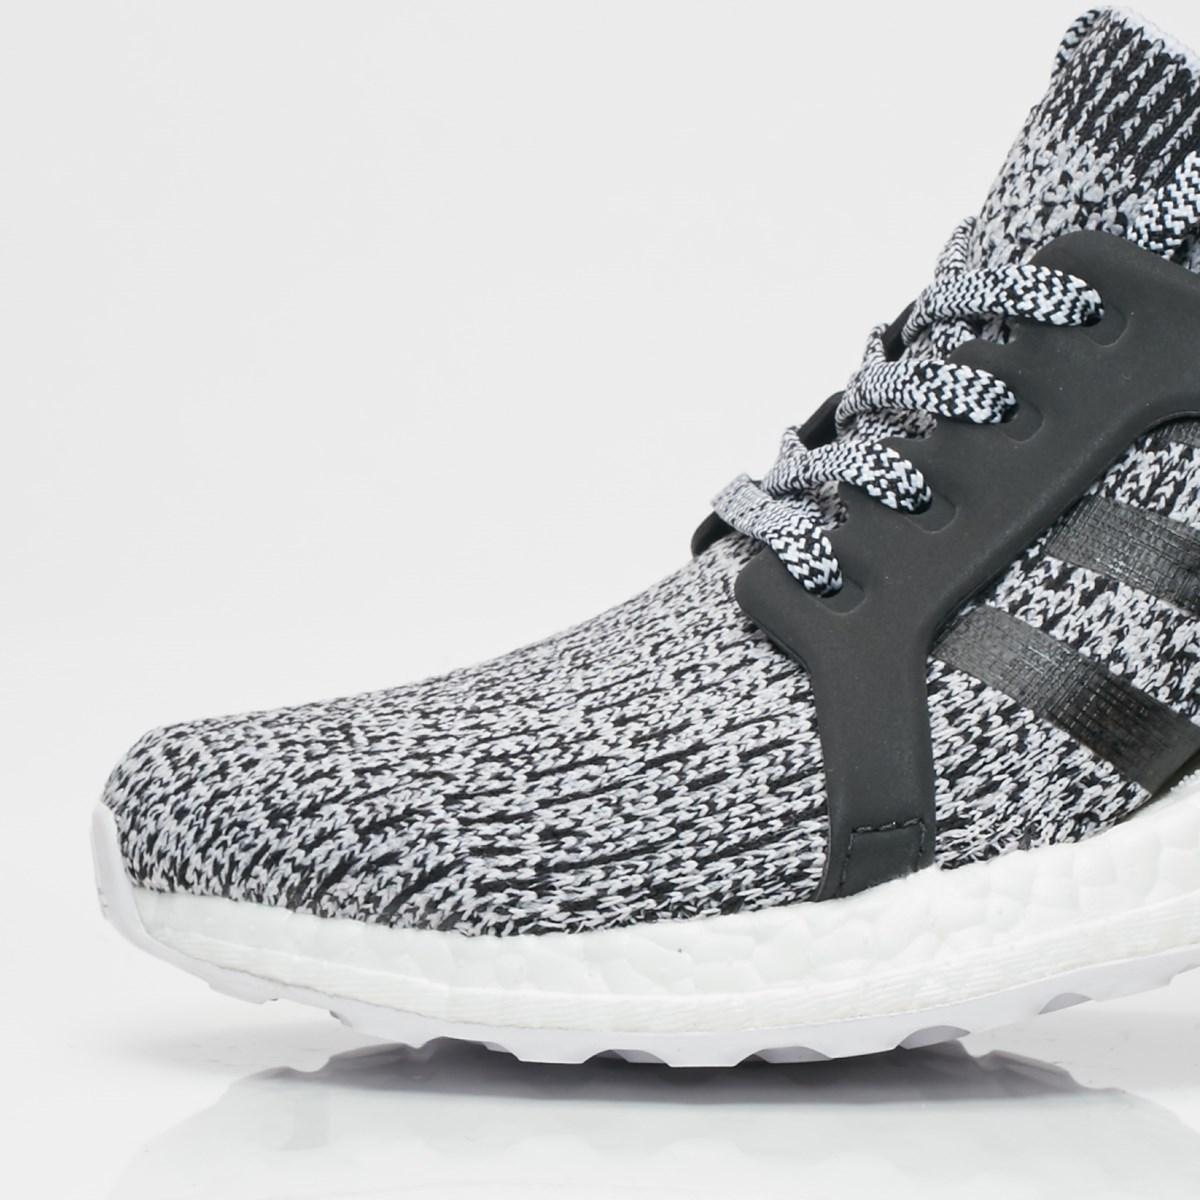 d758f850e492f adidas UltraBOOST X - Cg2977 - Sneakersnstuff